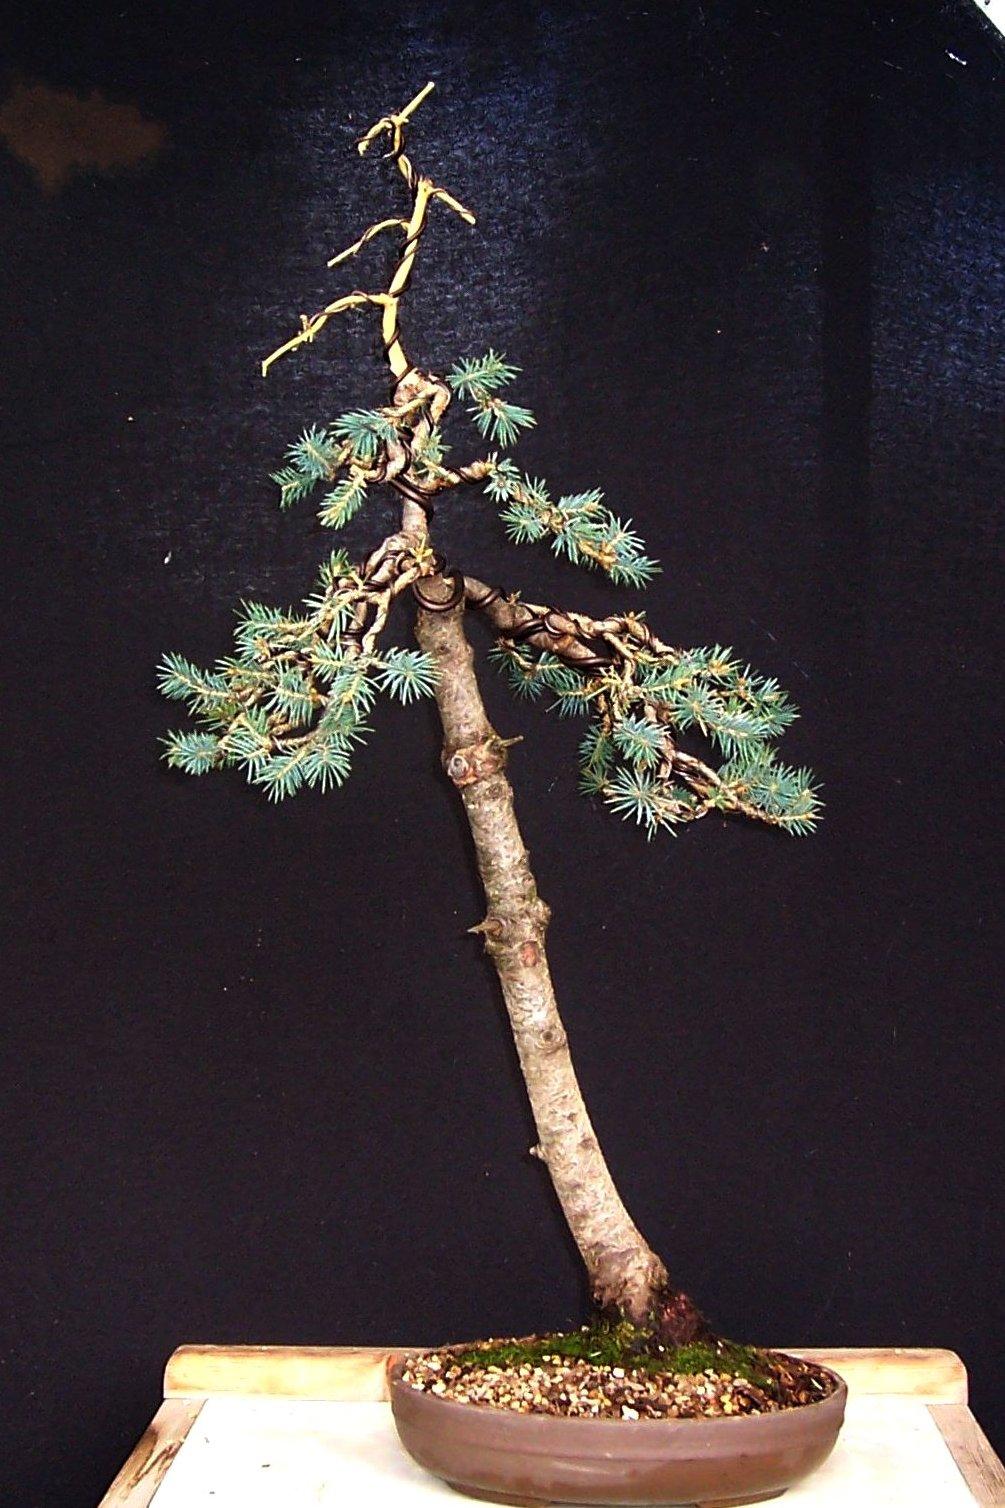 MiKo Bonsai Wee Trees Literati competition